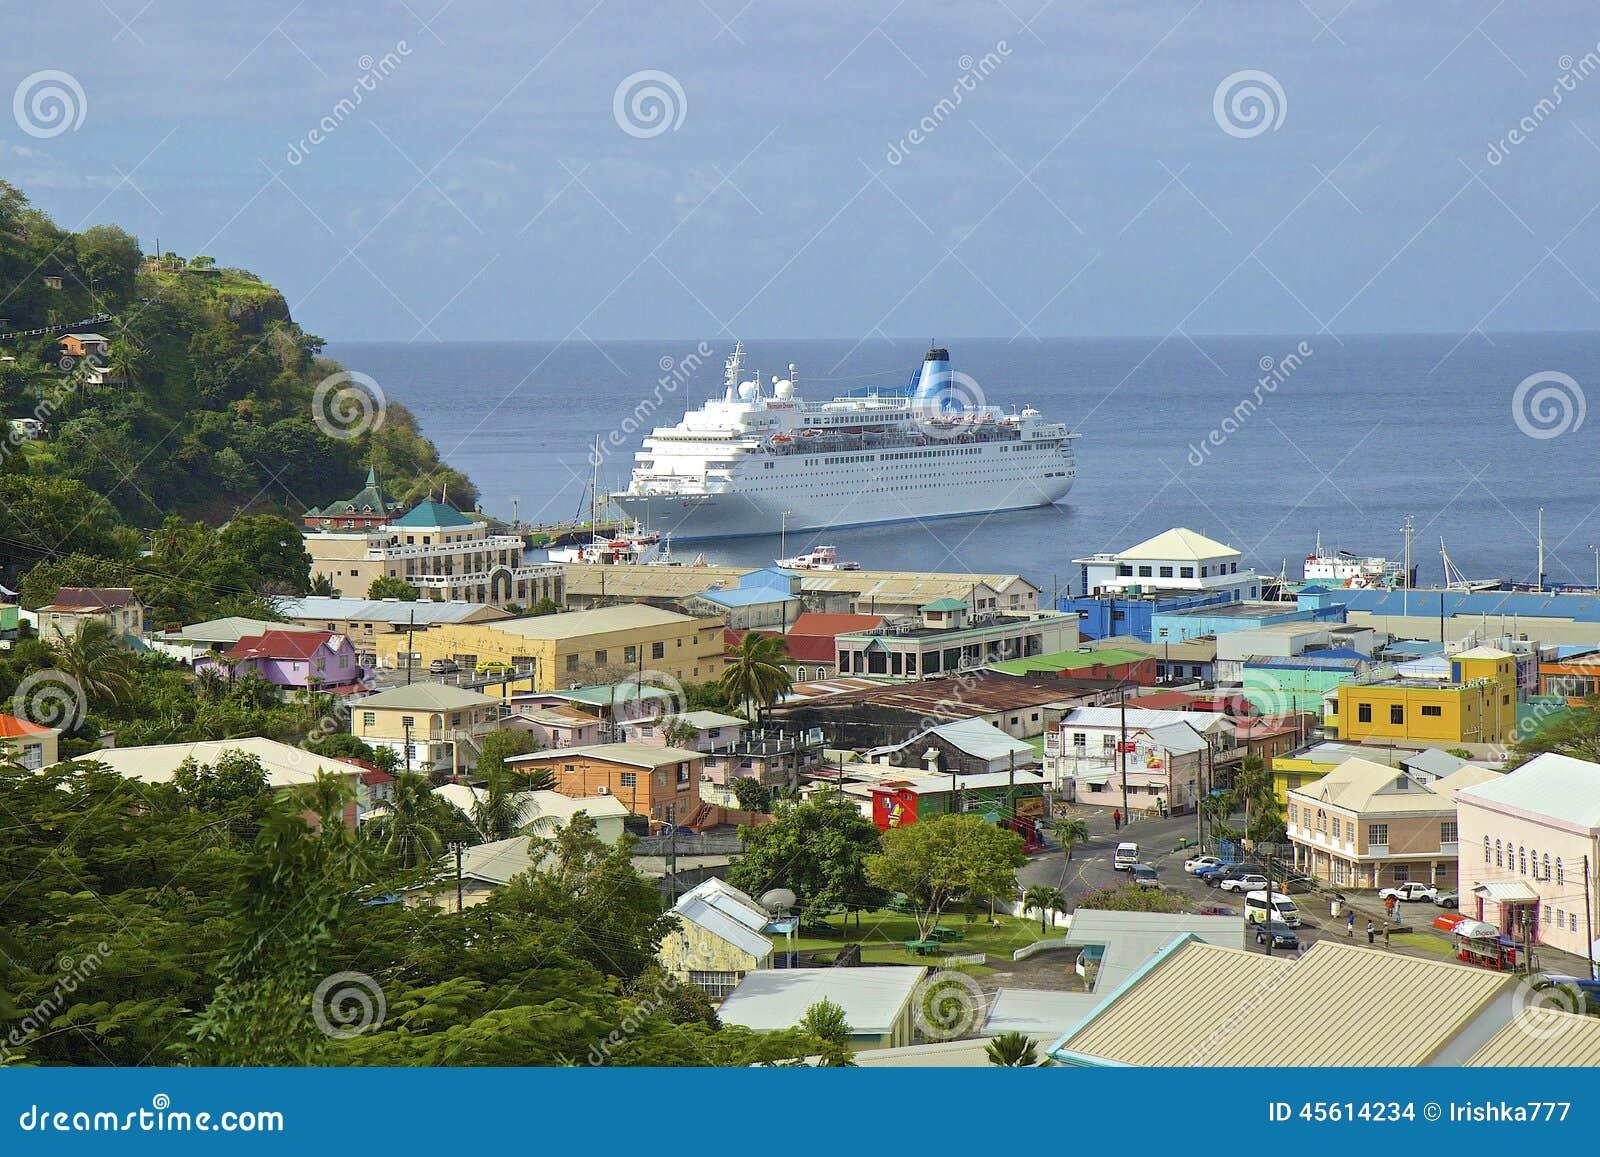 Kryssningskepp i Kingstown port i St Vincent